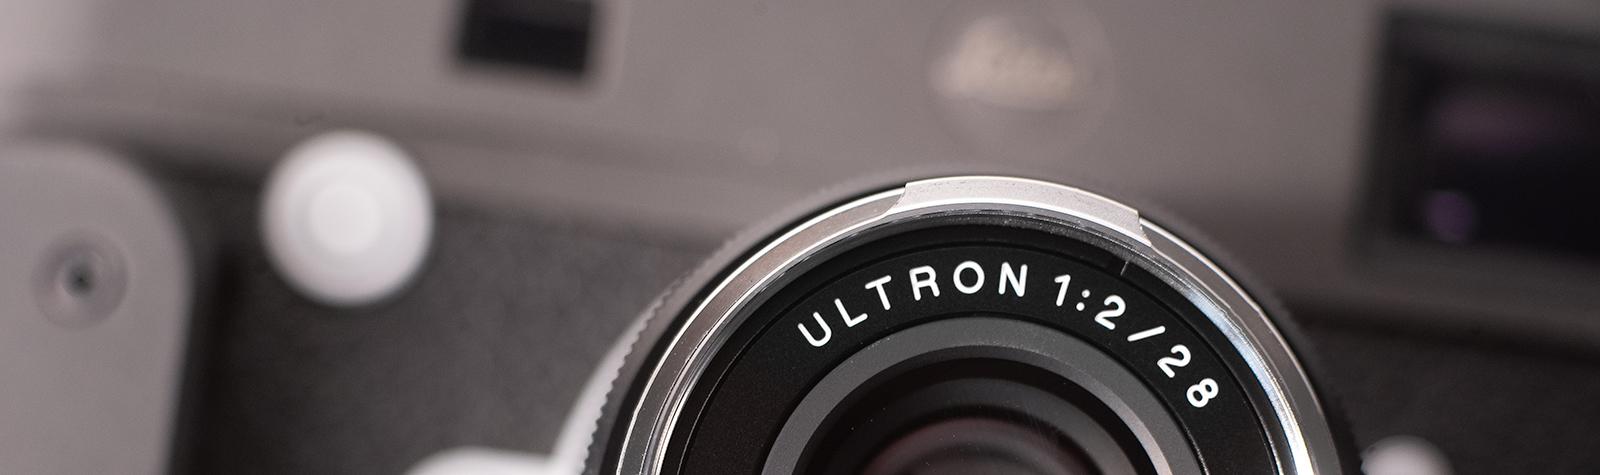 Voigtlander Ultron Vintage 28mm f/2 ASPH VM Type II Review